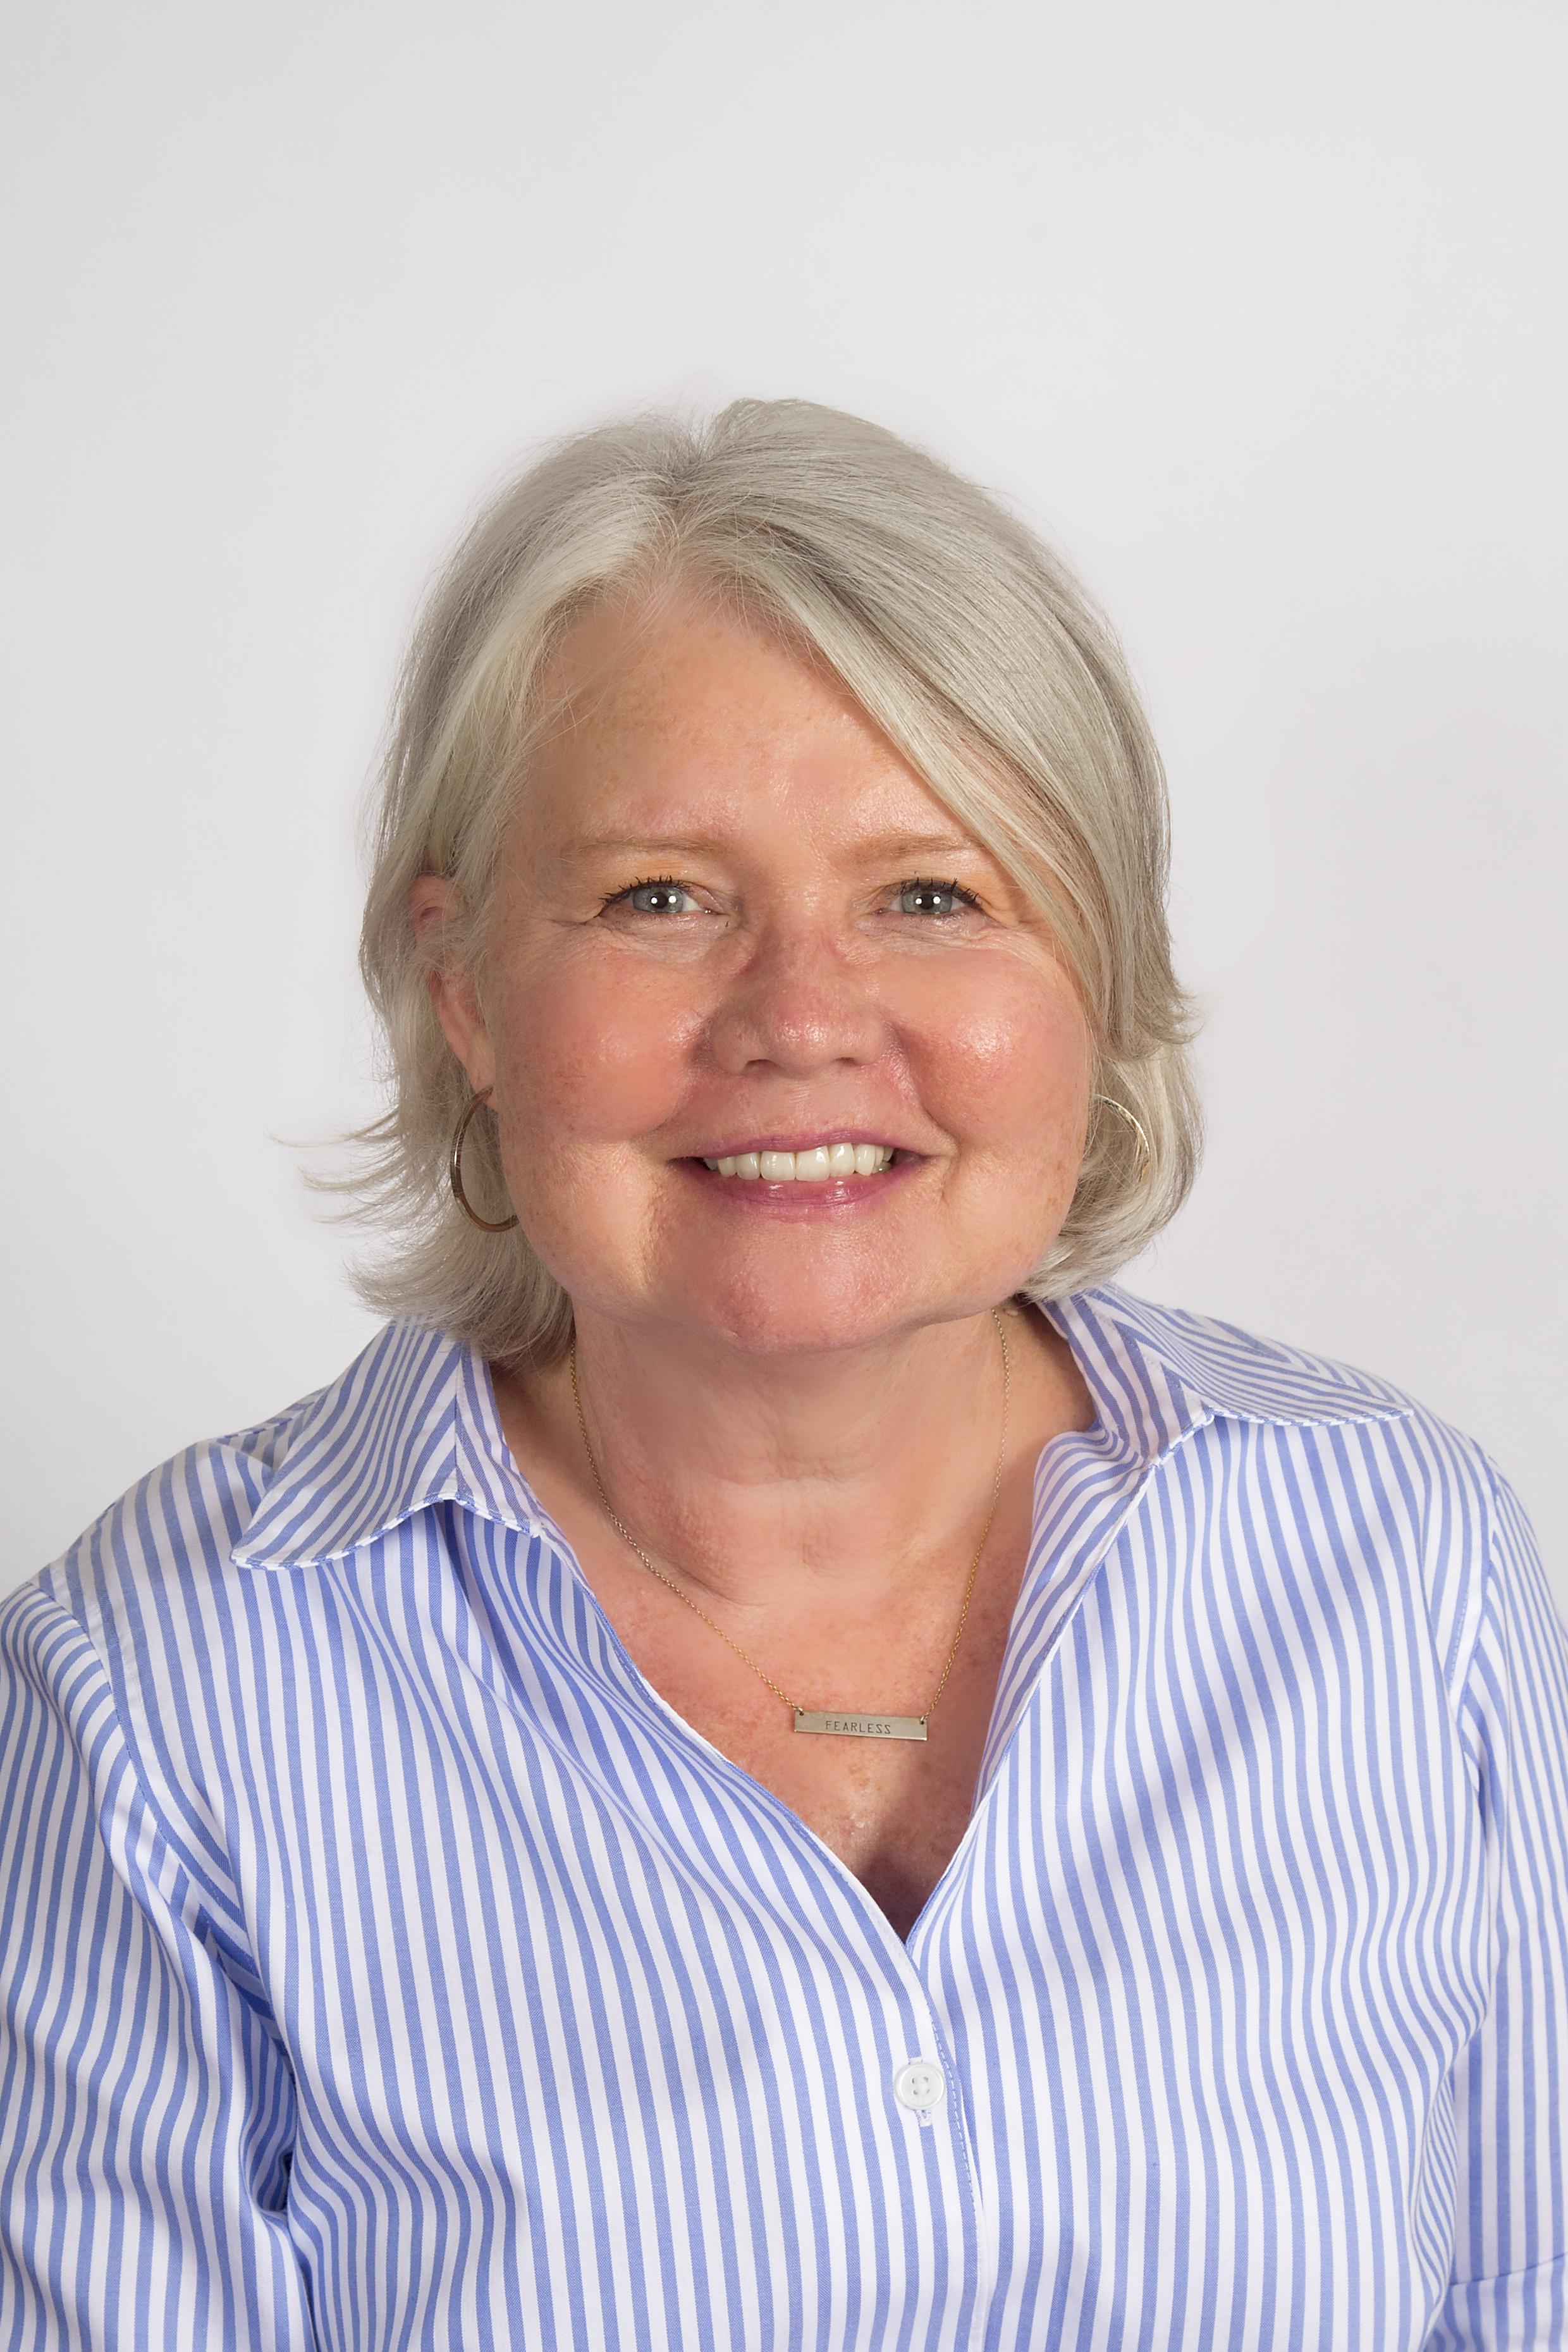 Phyllis Cooper Dillmeier Glass